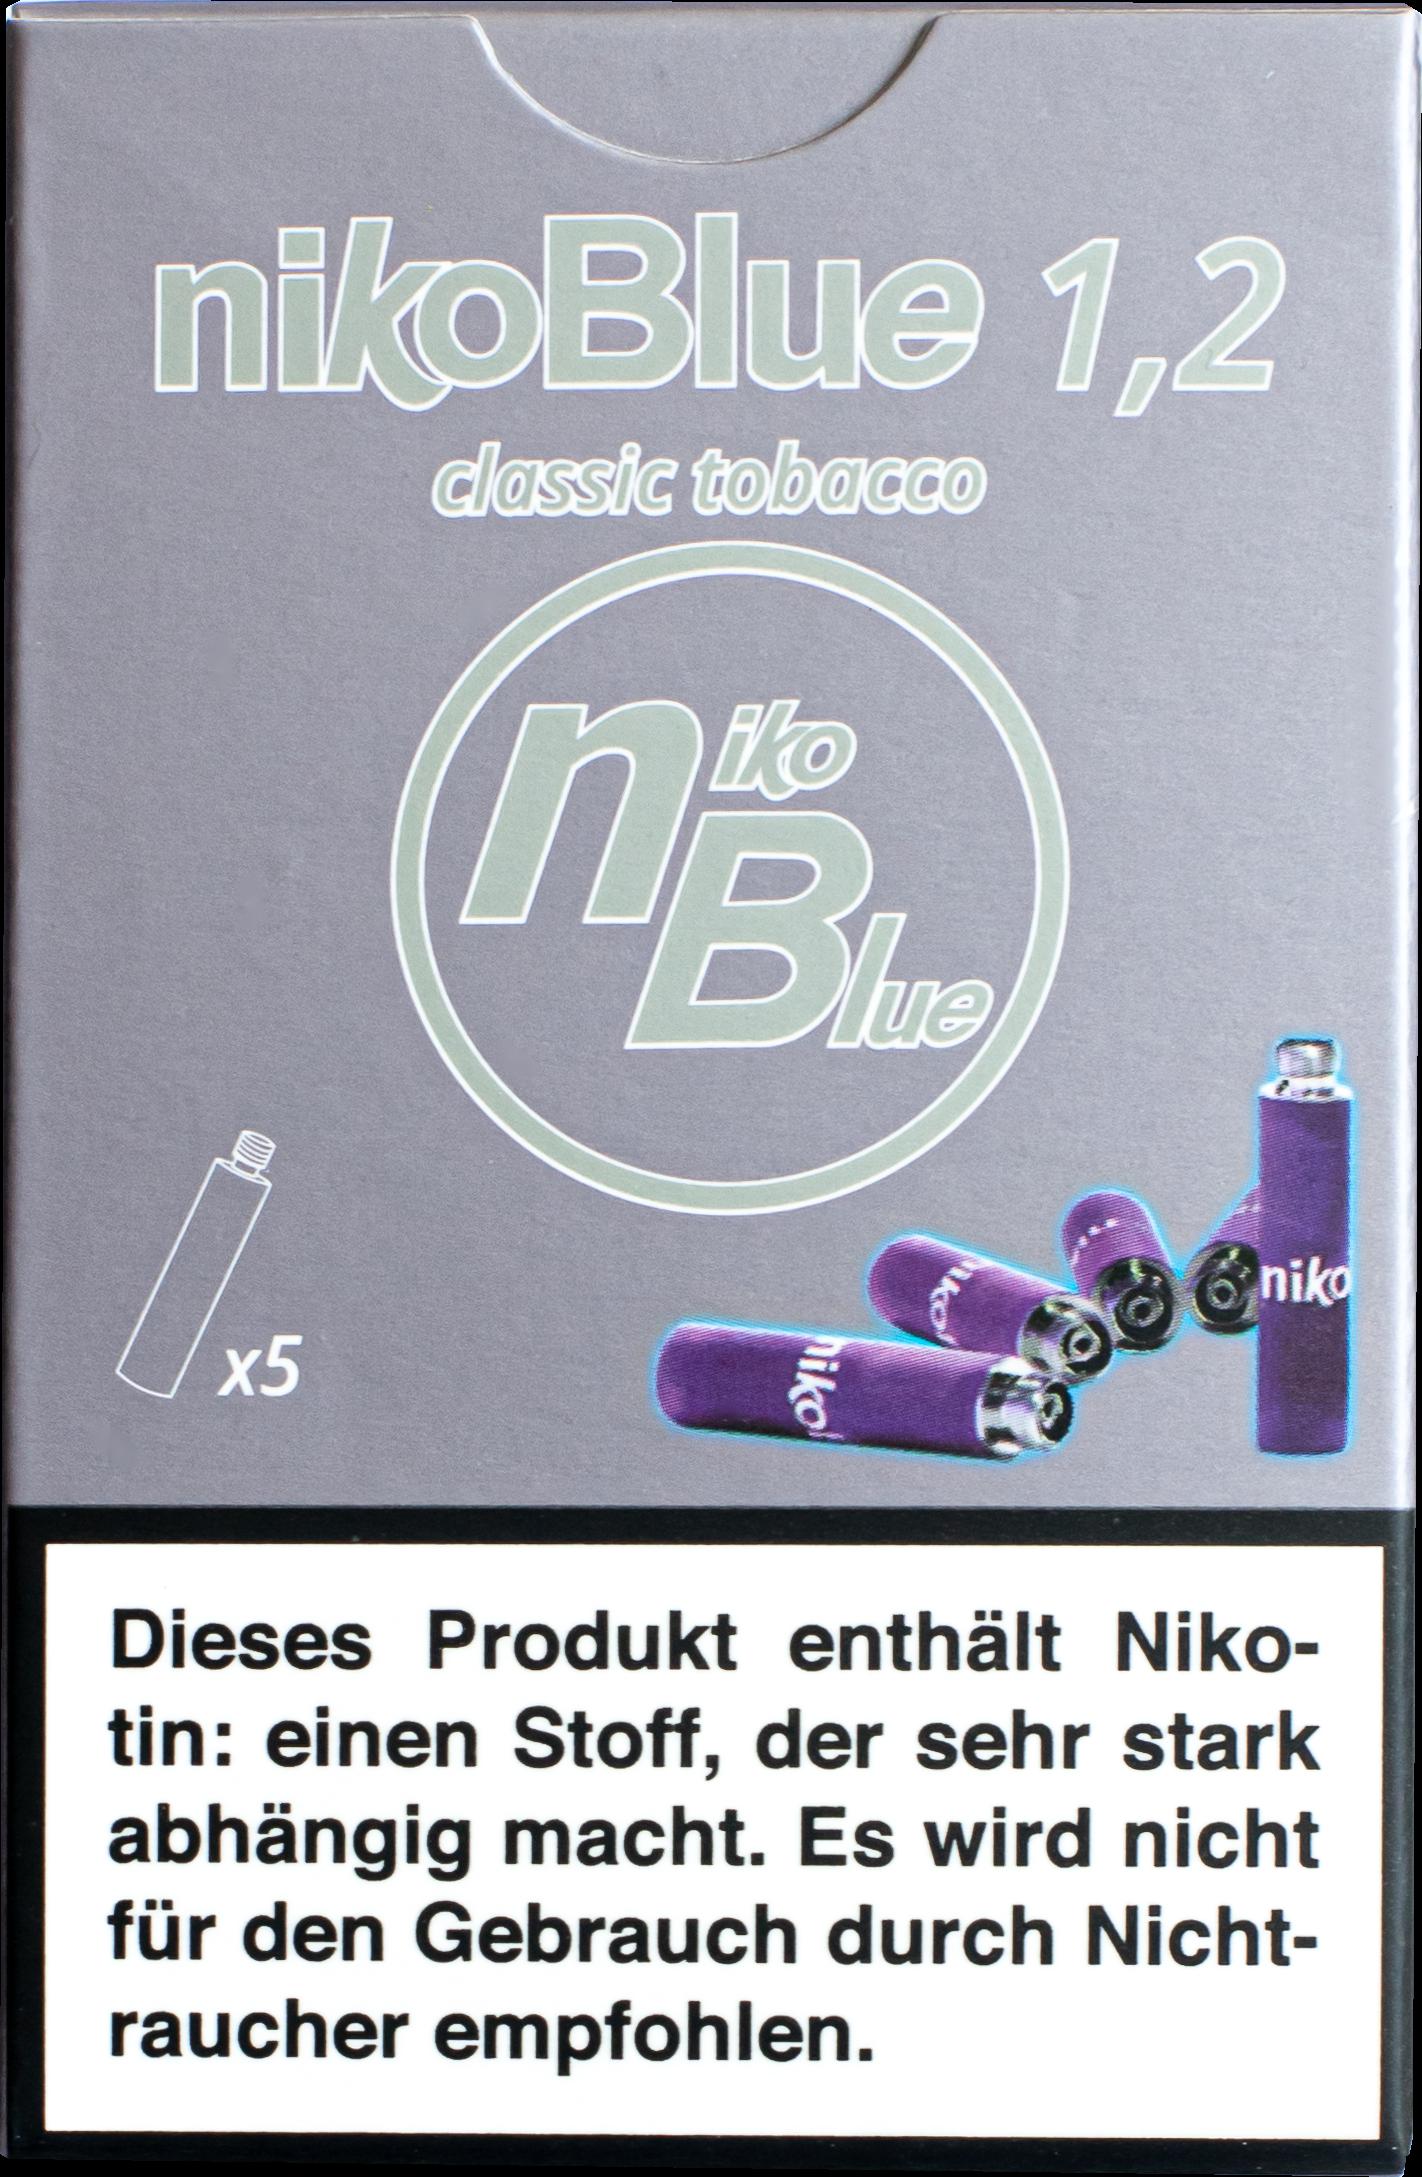 nikoBlue Refill Classic 1,2%